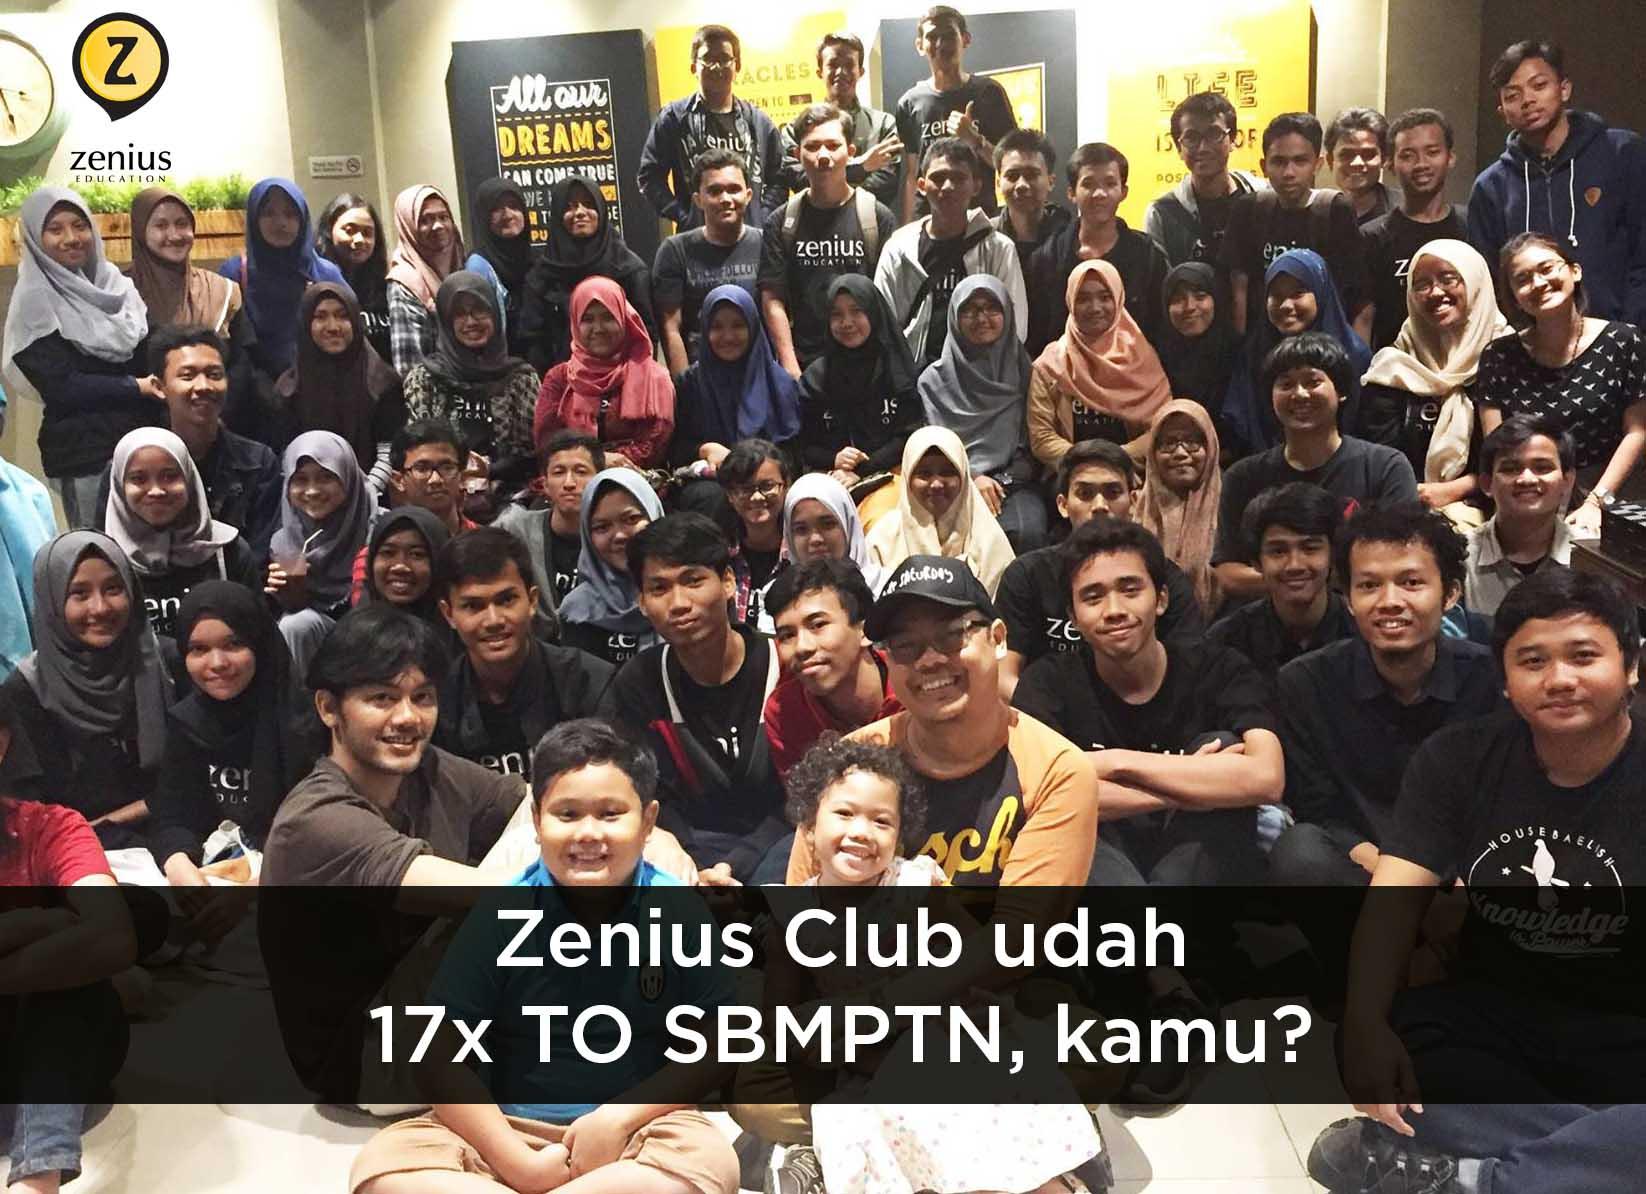 try out sbmptn zen club